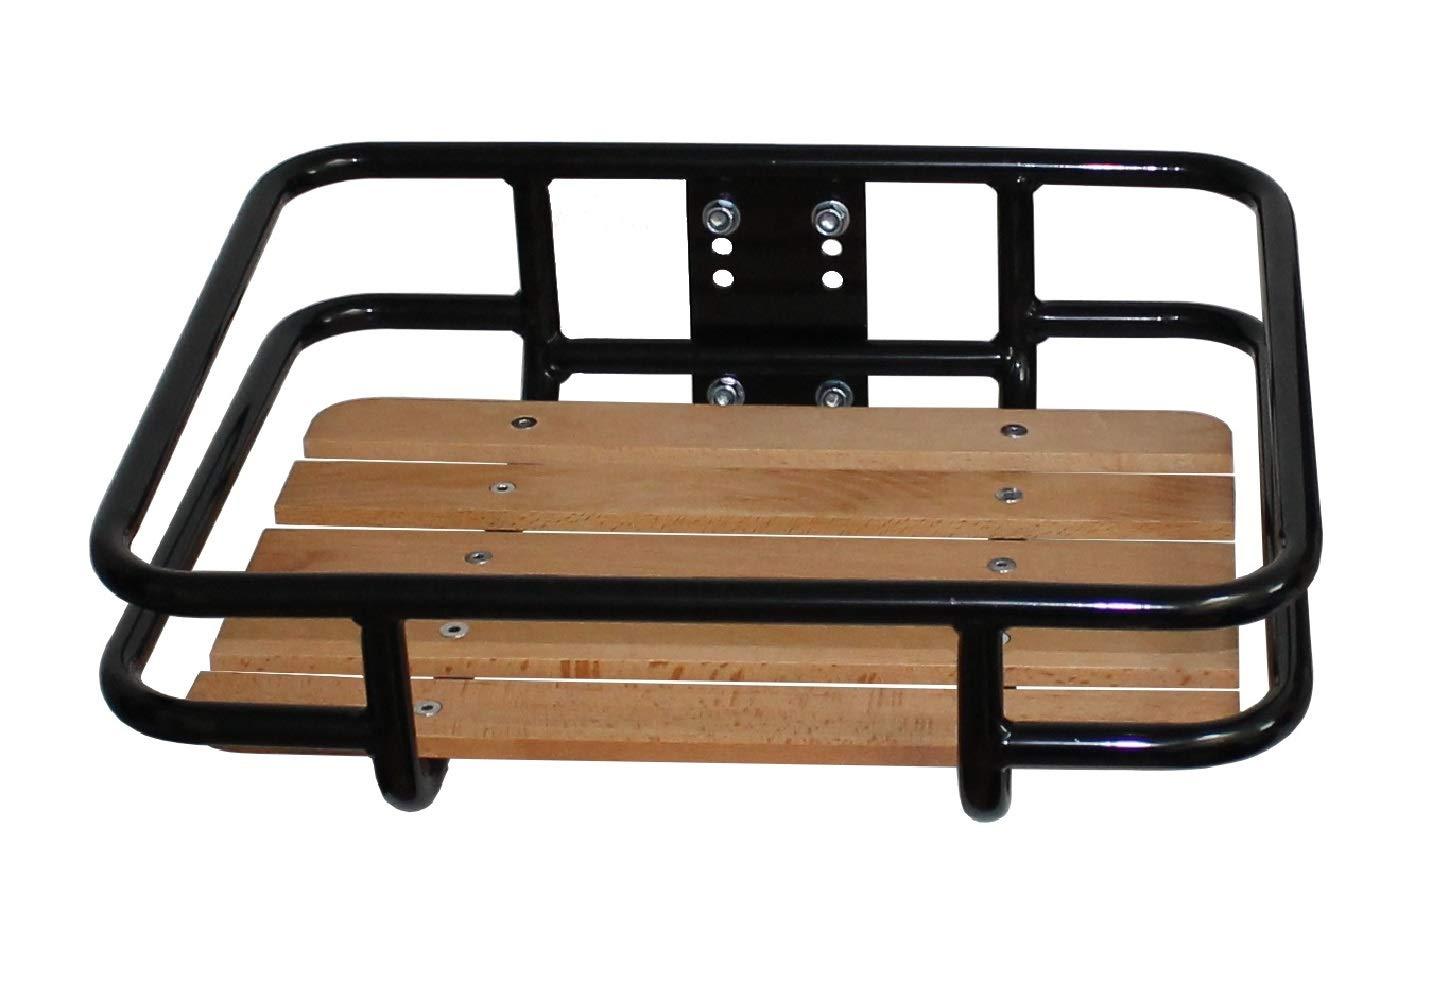 P4B con ladefläche VR–Portaequipajes, Color Negro, One Size PAVGB|#Parts 4 Bikes 20 0 70 120